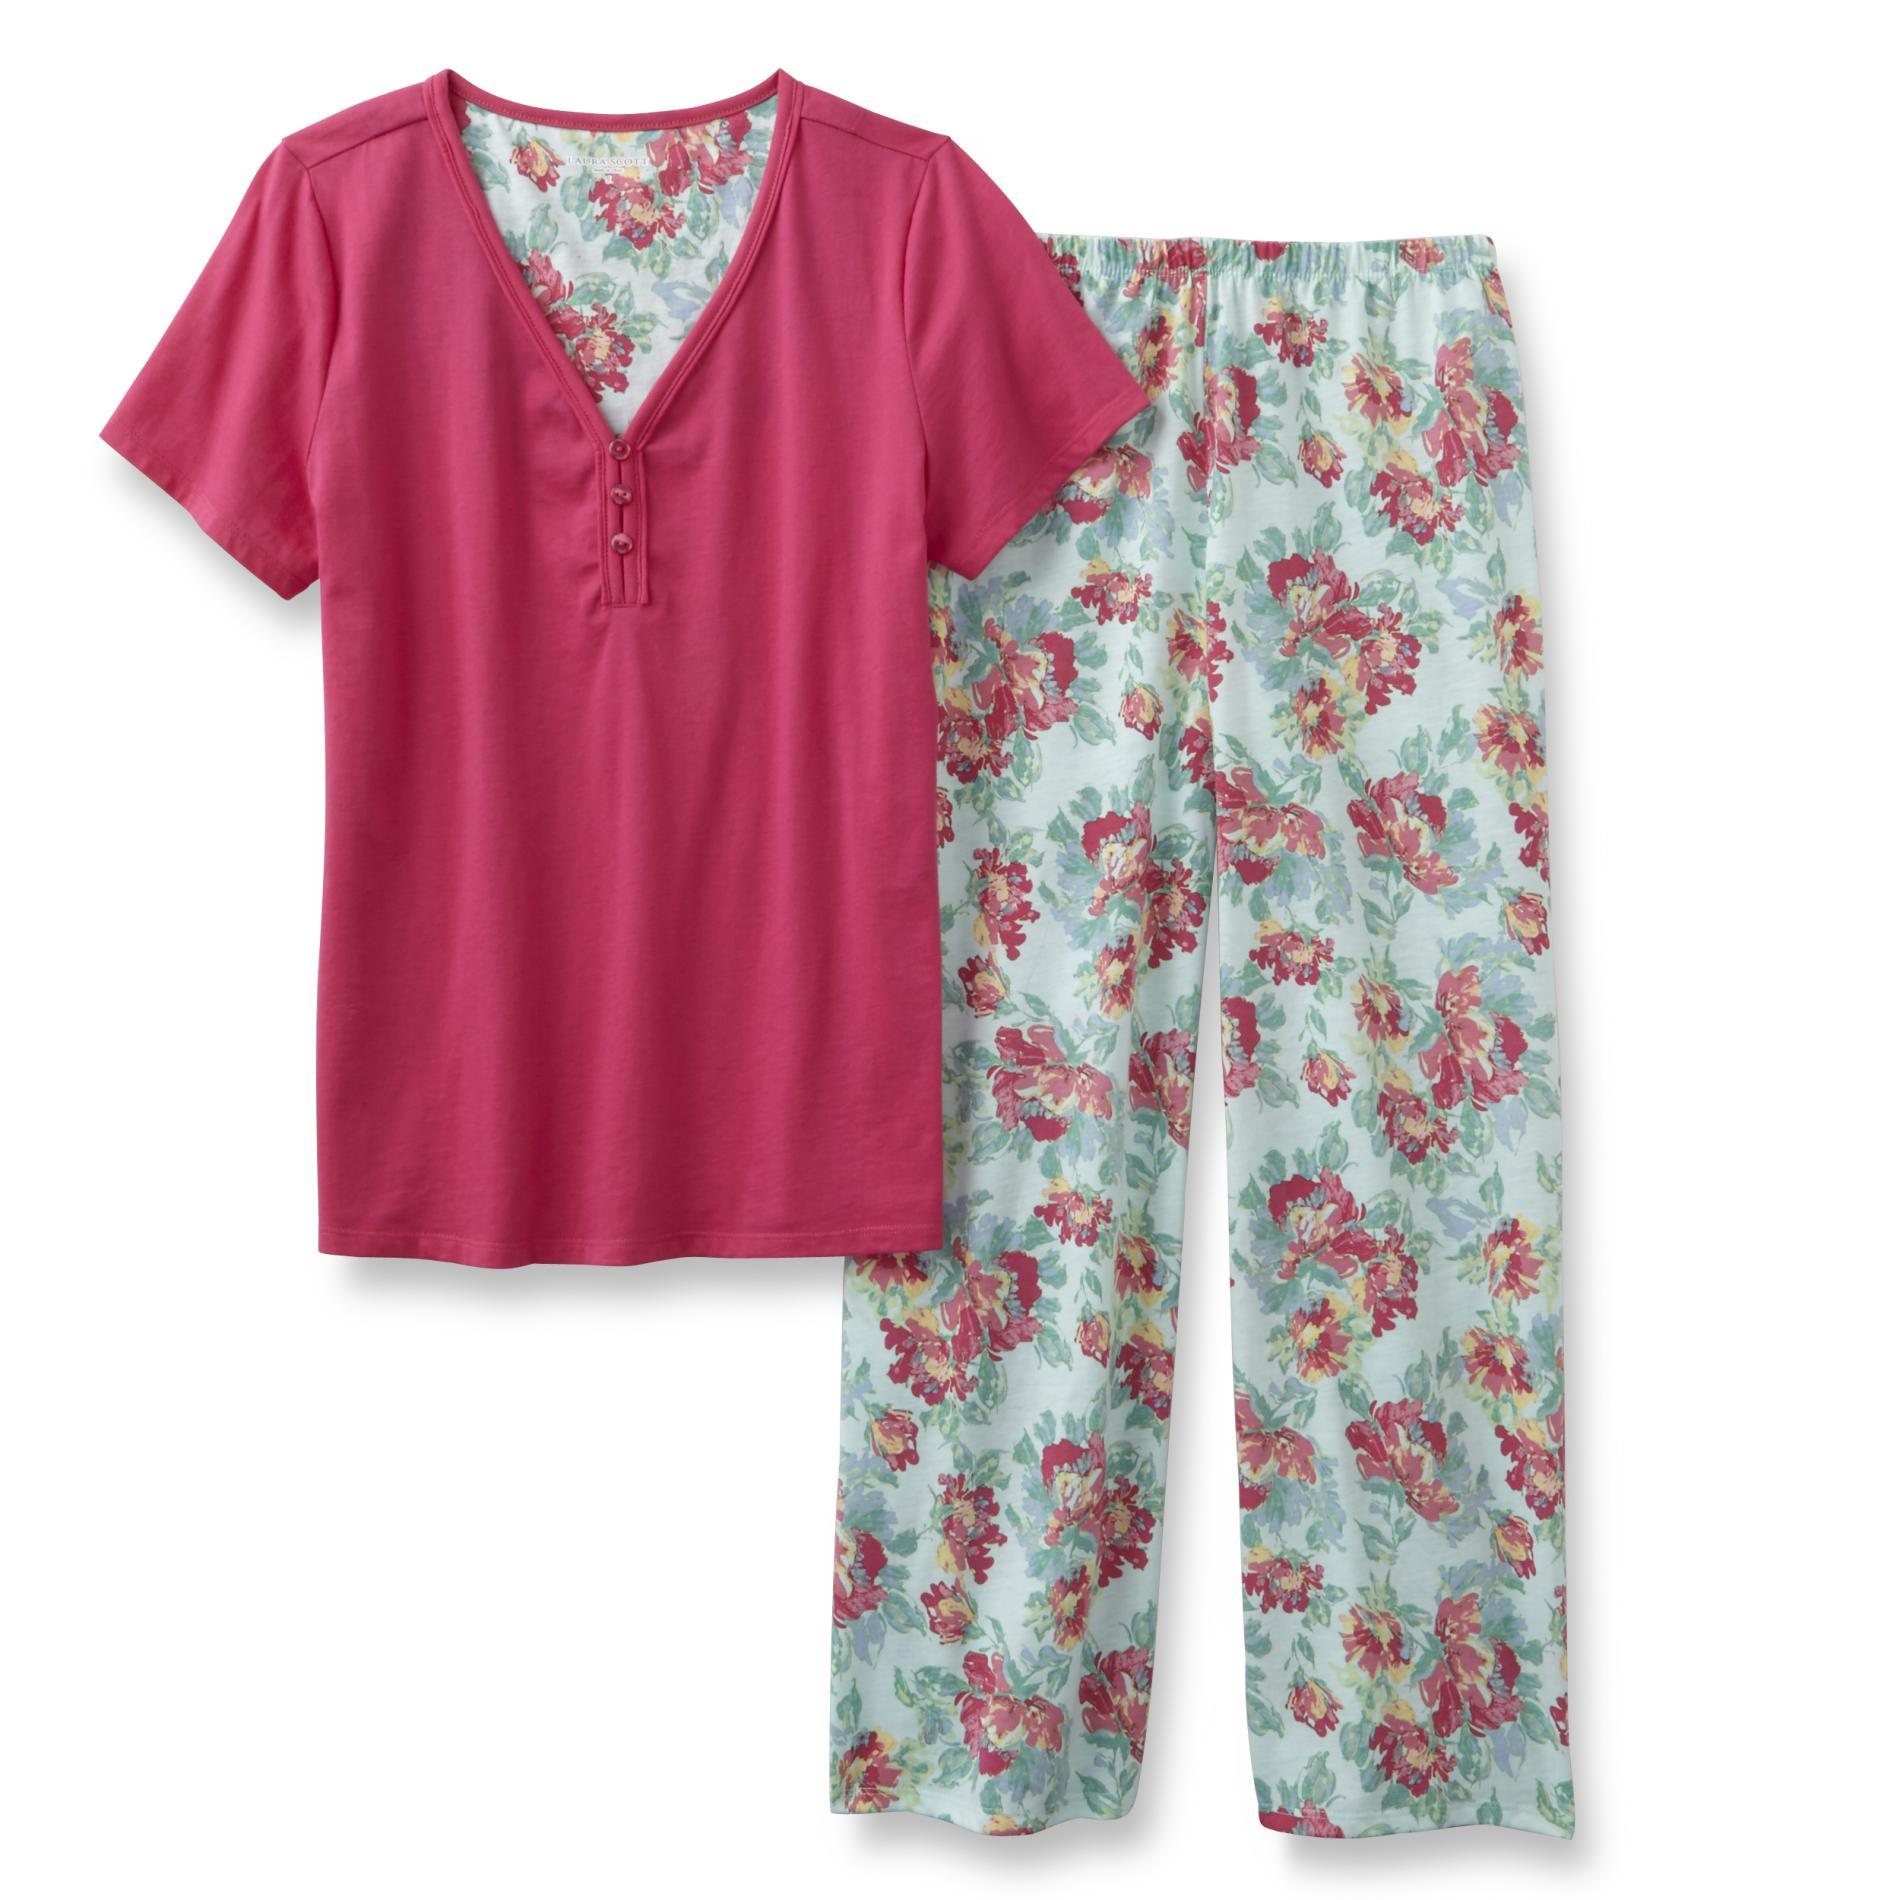 Laura Scott Women's Pajama Top & Capri Pants - Floral